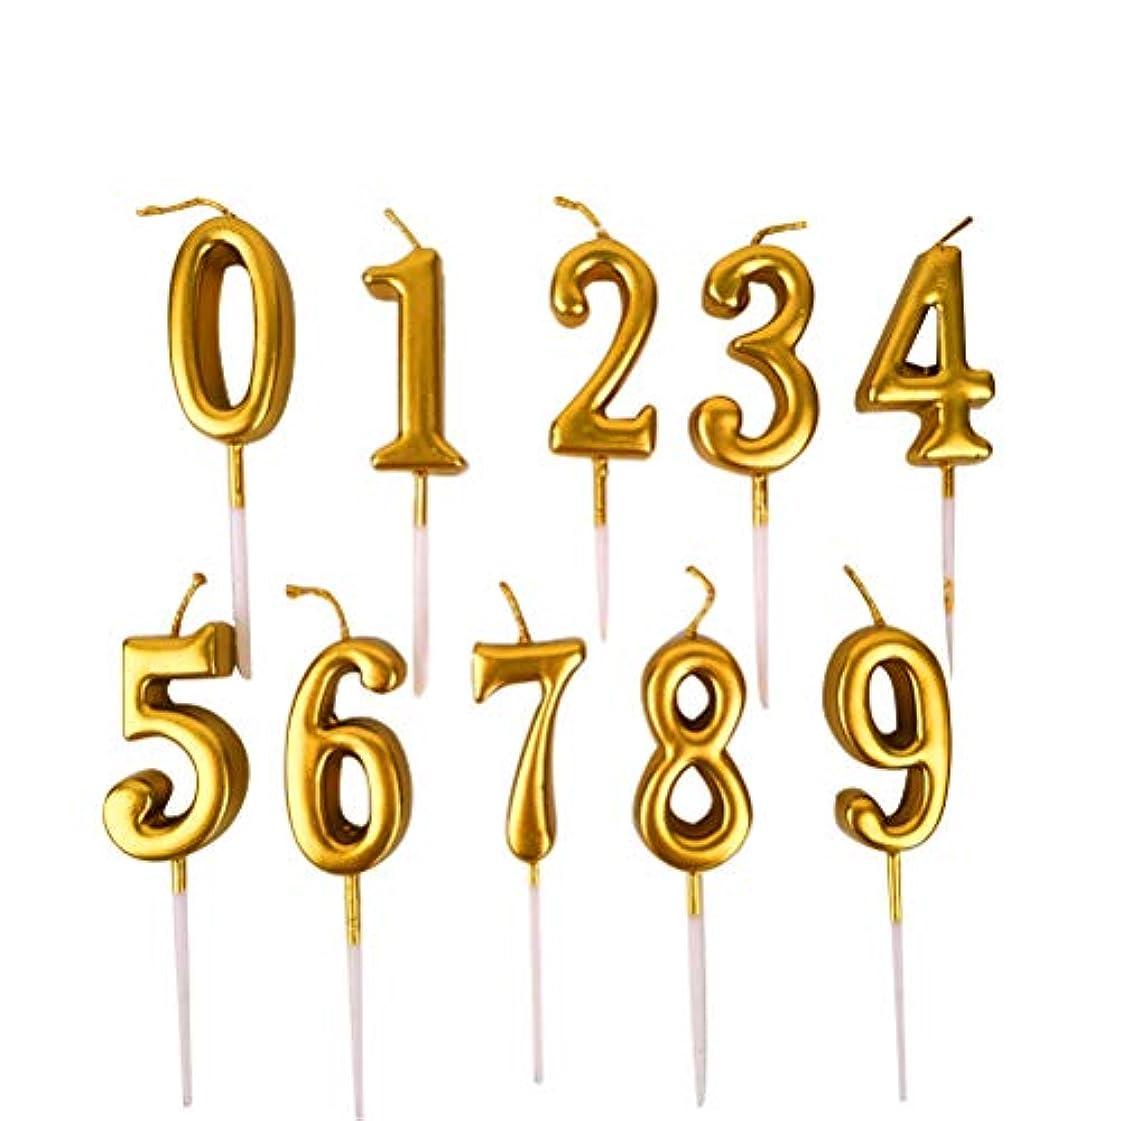 代表団統合するパンフレットNUOBESTY 誕生日数字キャンドル、10ピース番号0-9グリッターケーキトッパー装飾用誕生日パーティーの好意